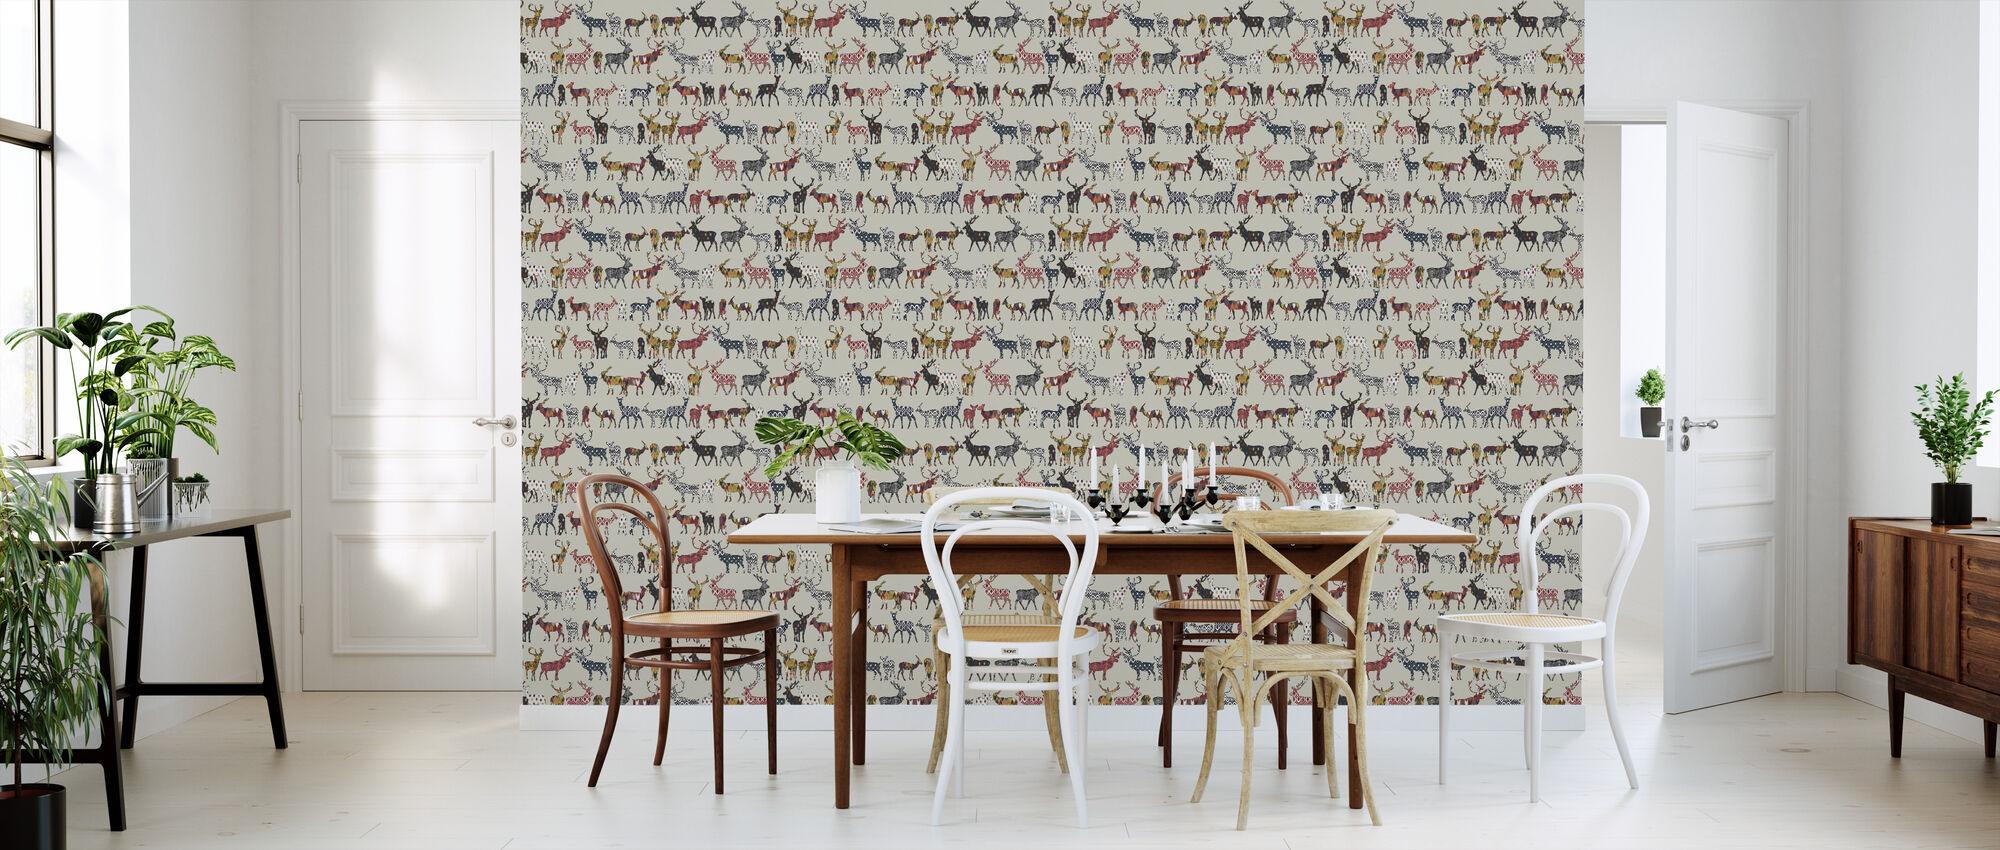 Oatmeal Spice Deer - Wallpaper - Kitchen